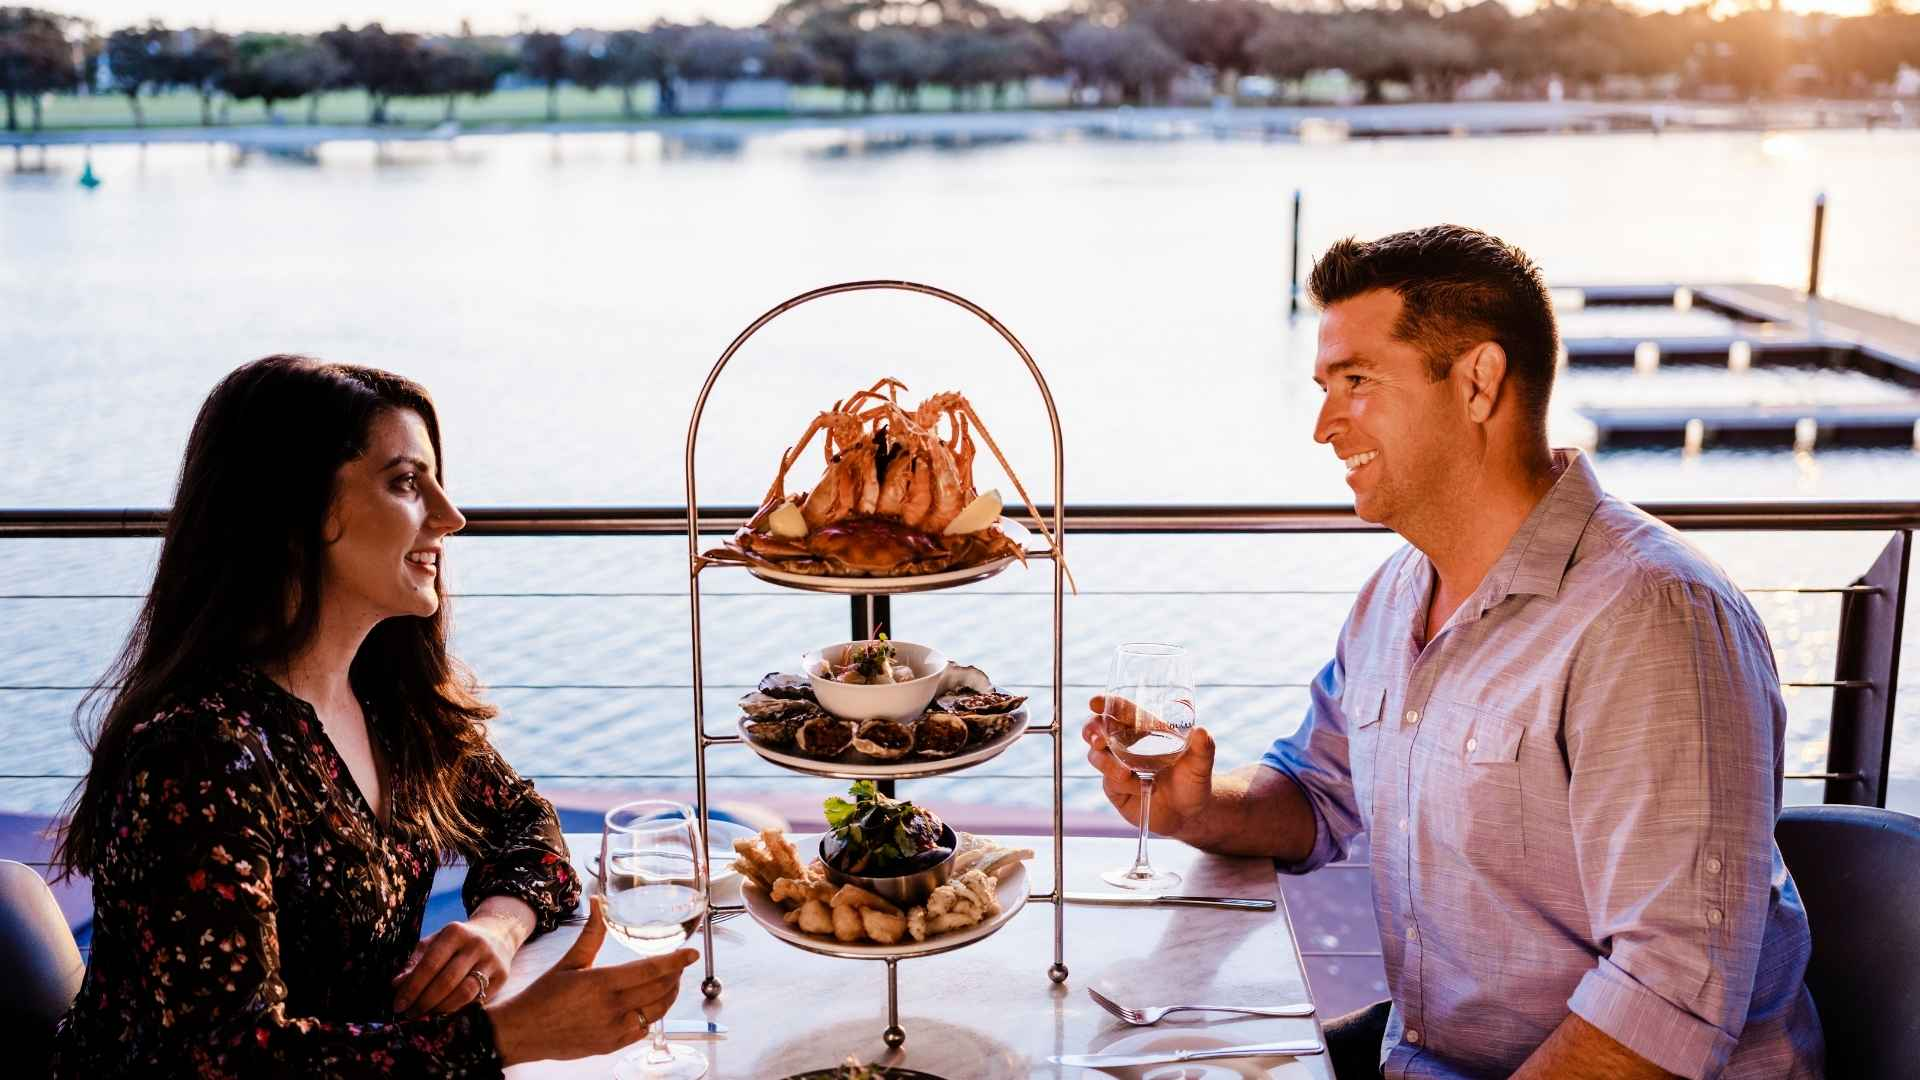 Romantic-Weekend-Getaways-Seafood